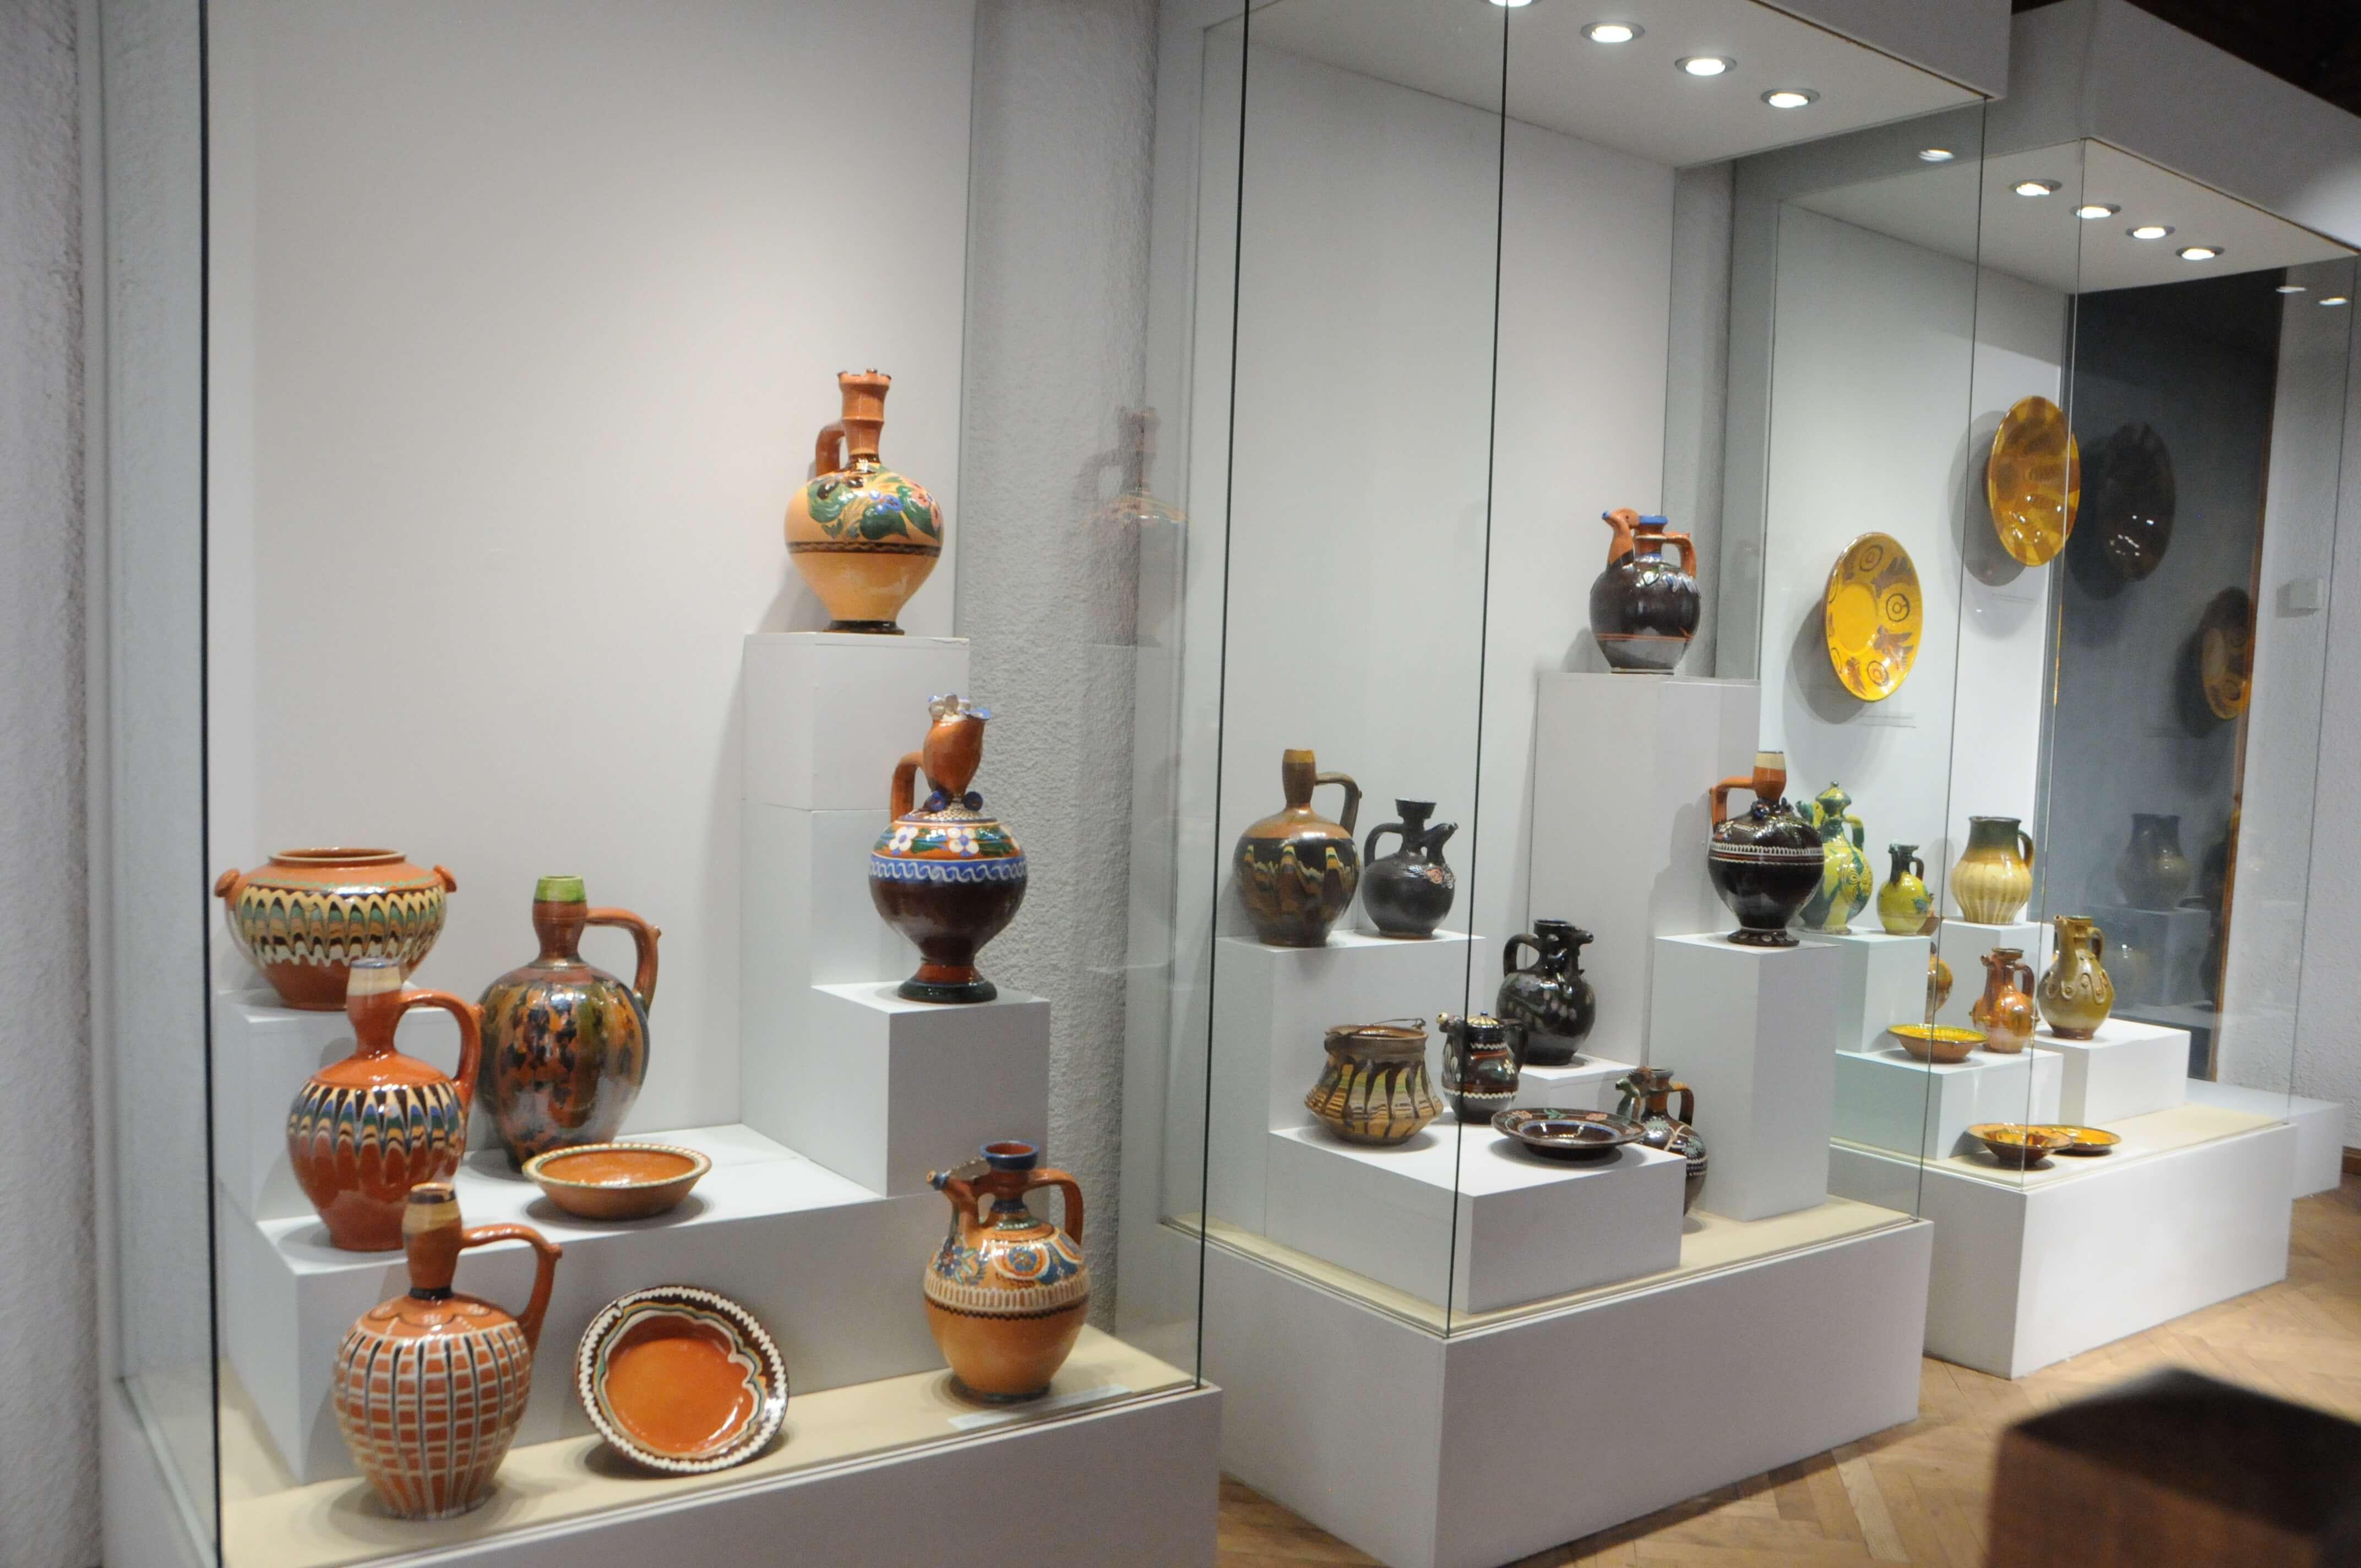 bogatstvoto-na-troyanskata-keramika (21)